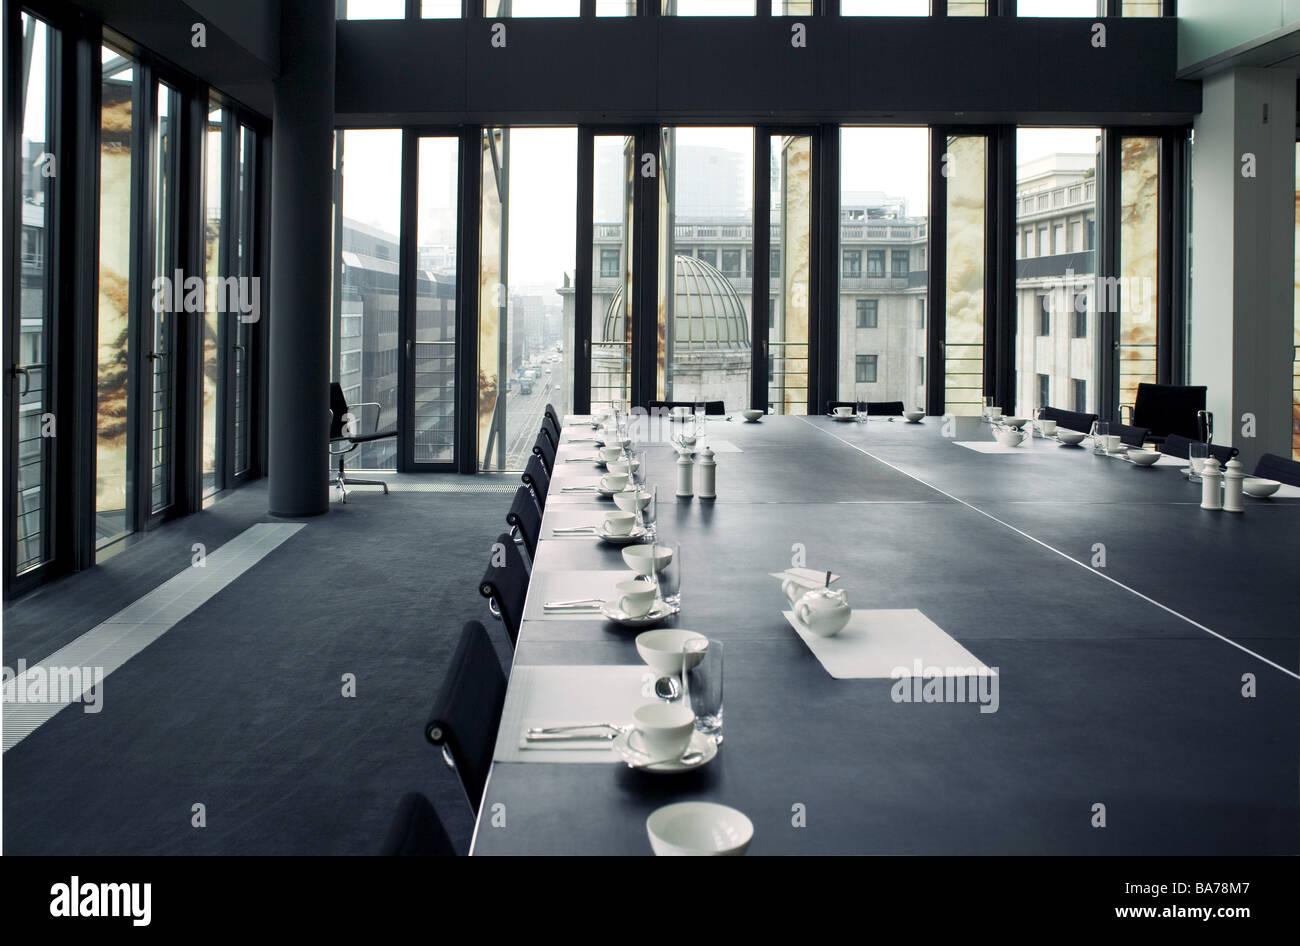 Bureau de zone meetingraum conférence conférence réunion daffaires